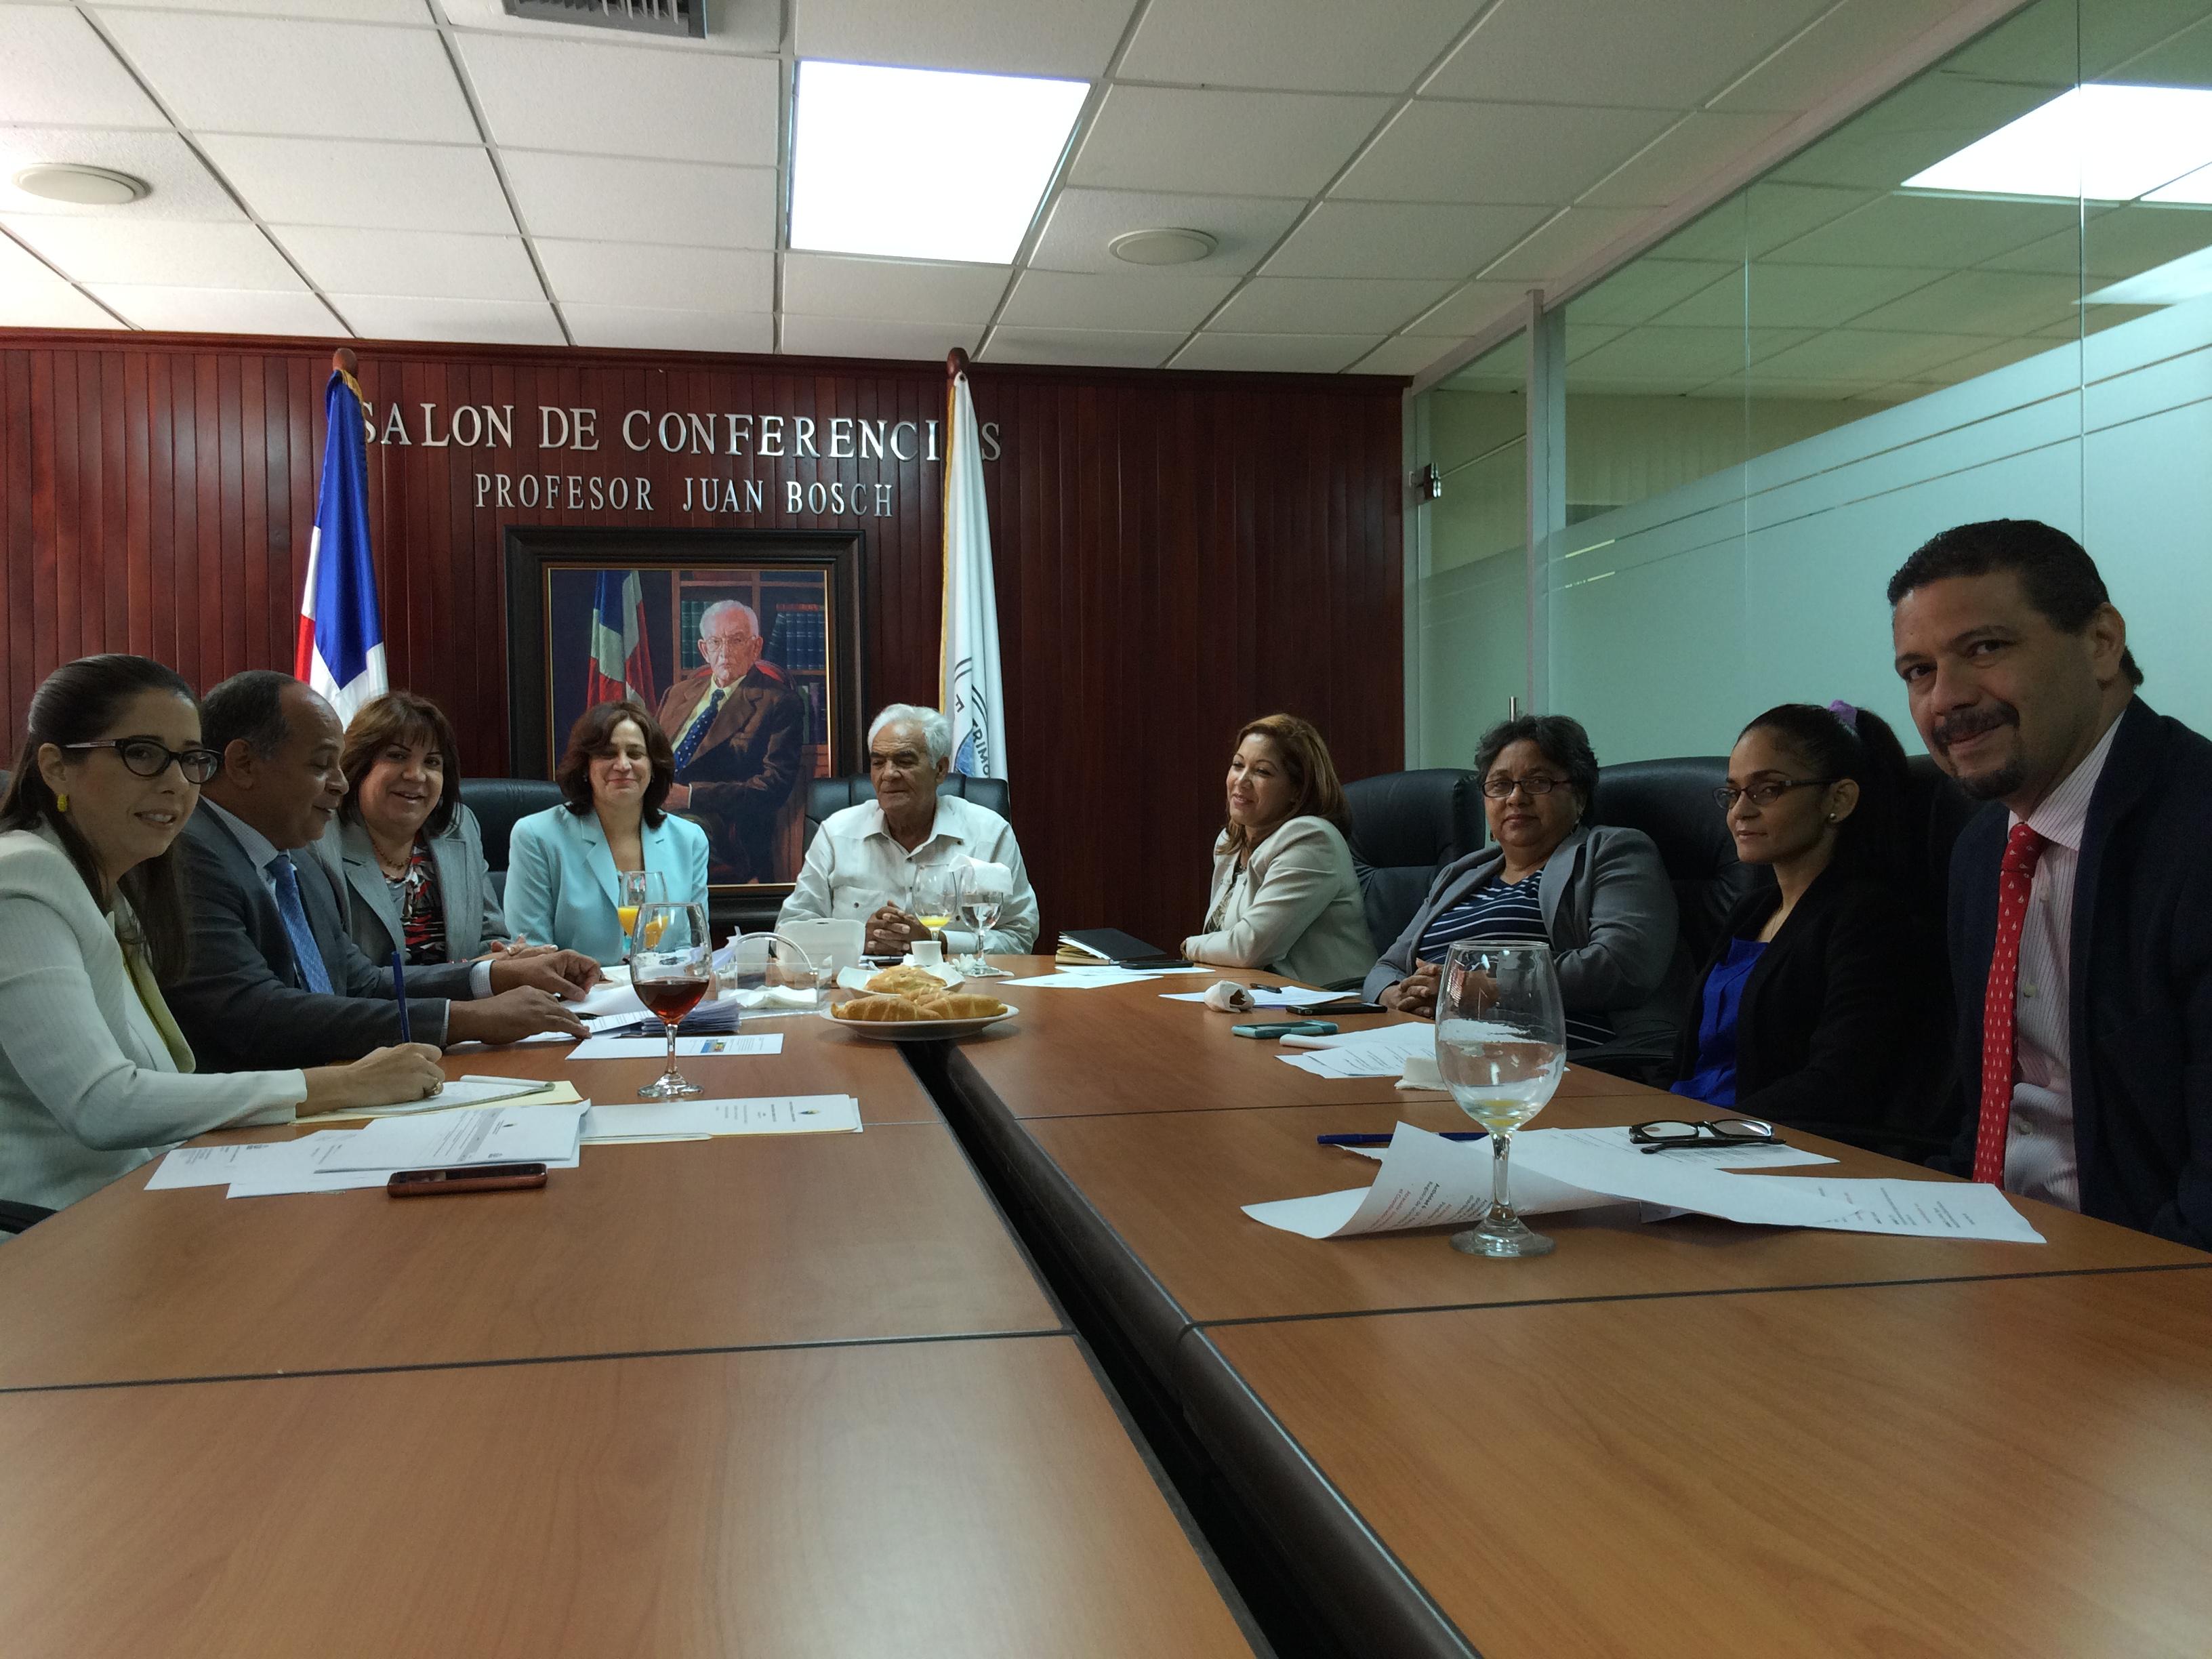 Comisión de ética de Fonper realiza encuentro